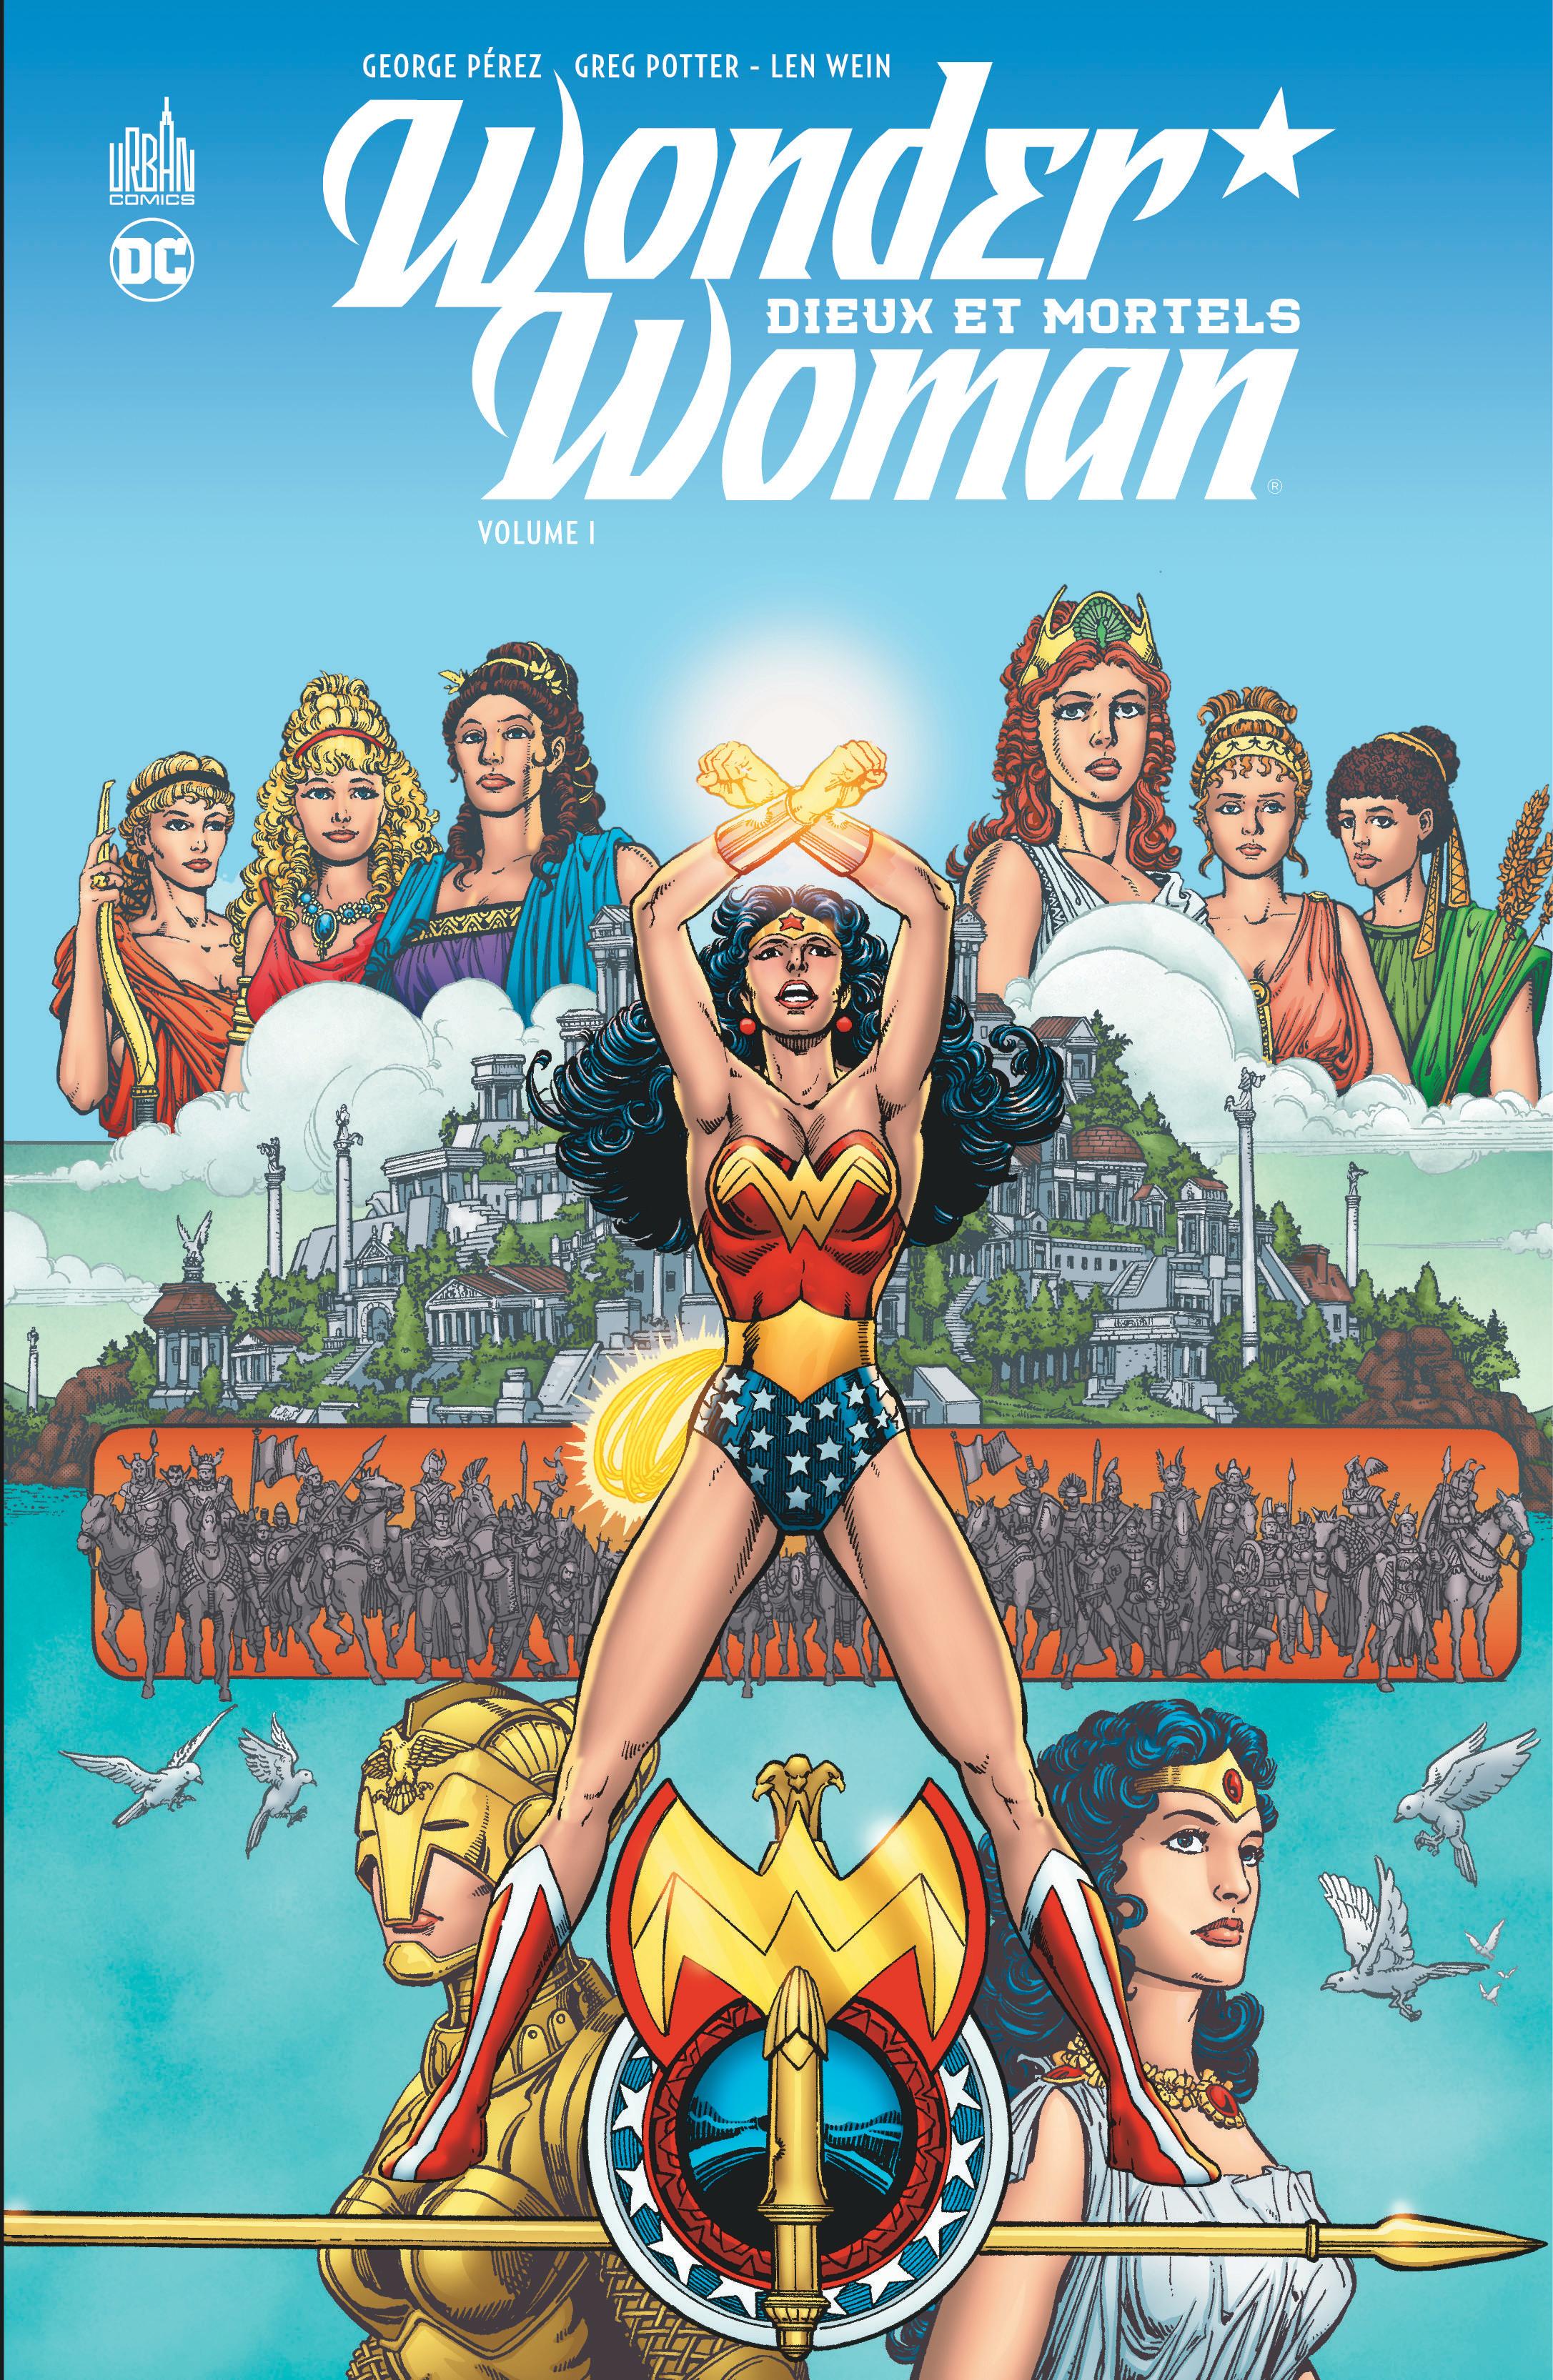 Wonder Woman - Dieux et Mortels 1 - Dieux et Mortels - Tome 1